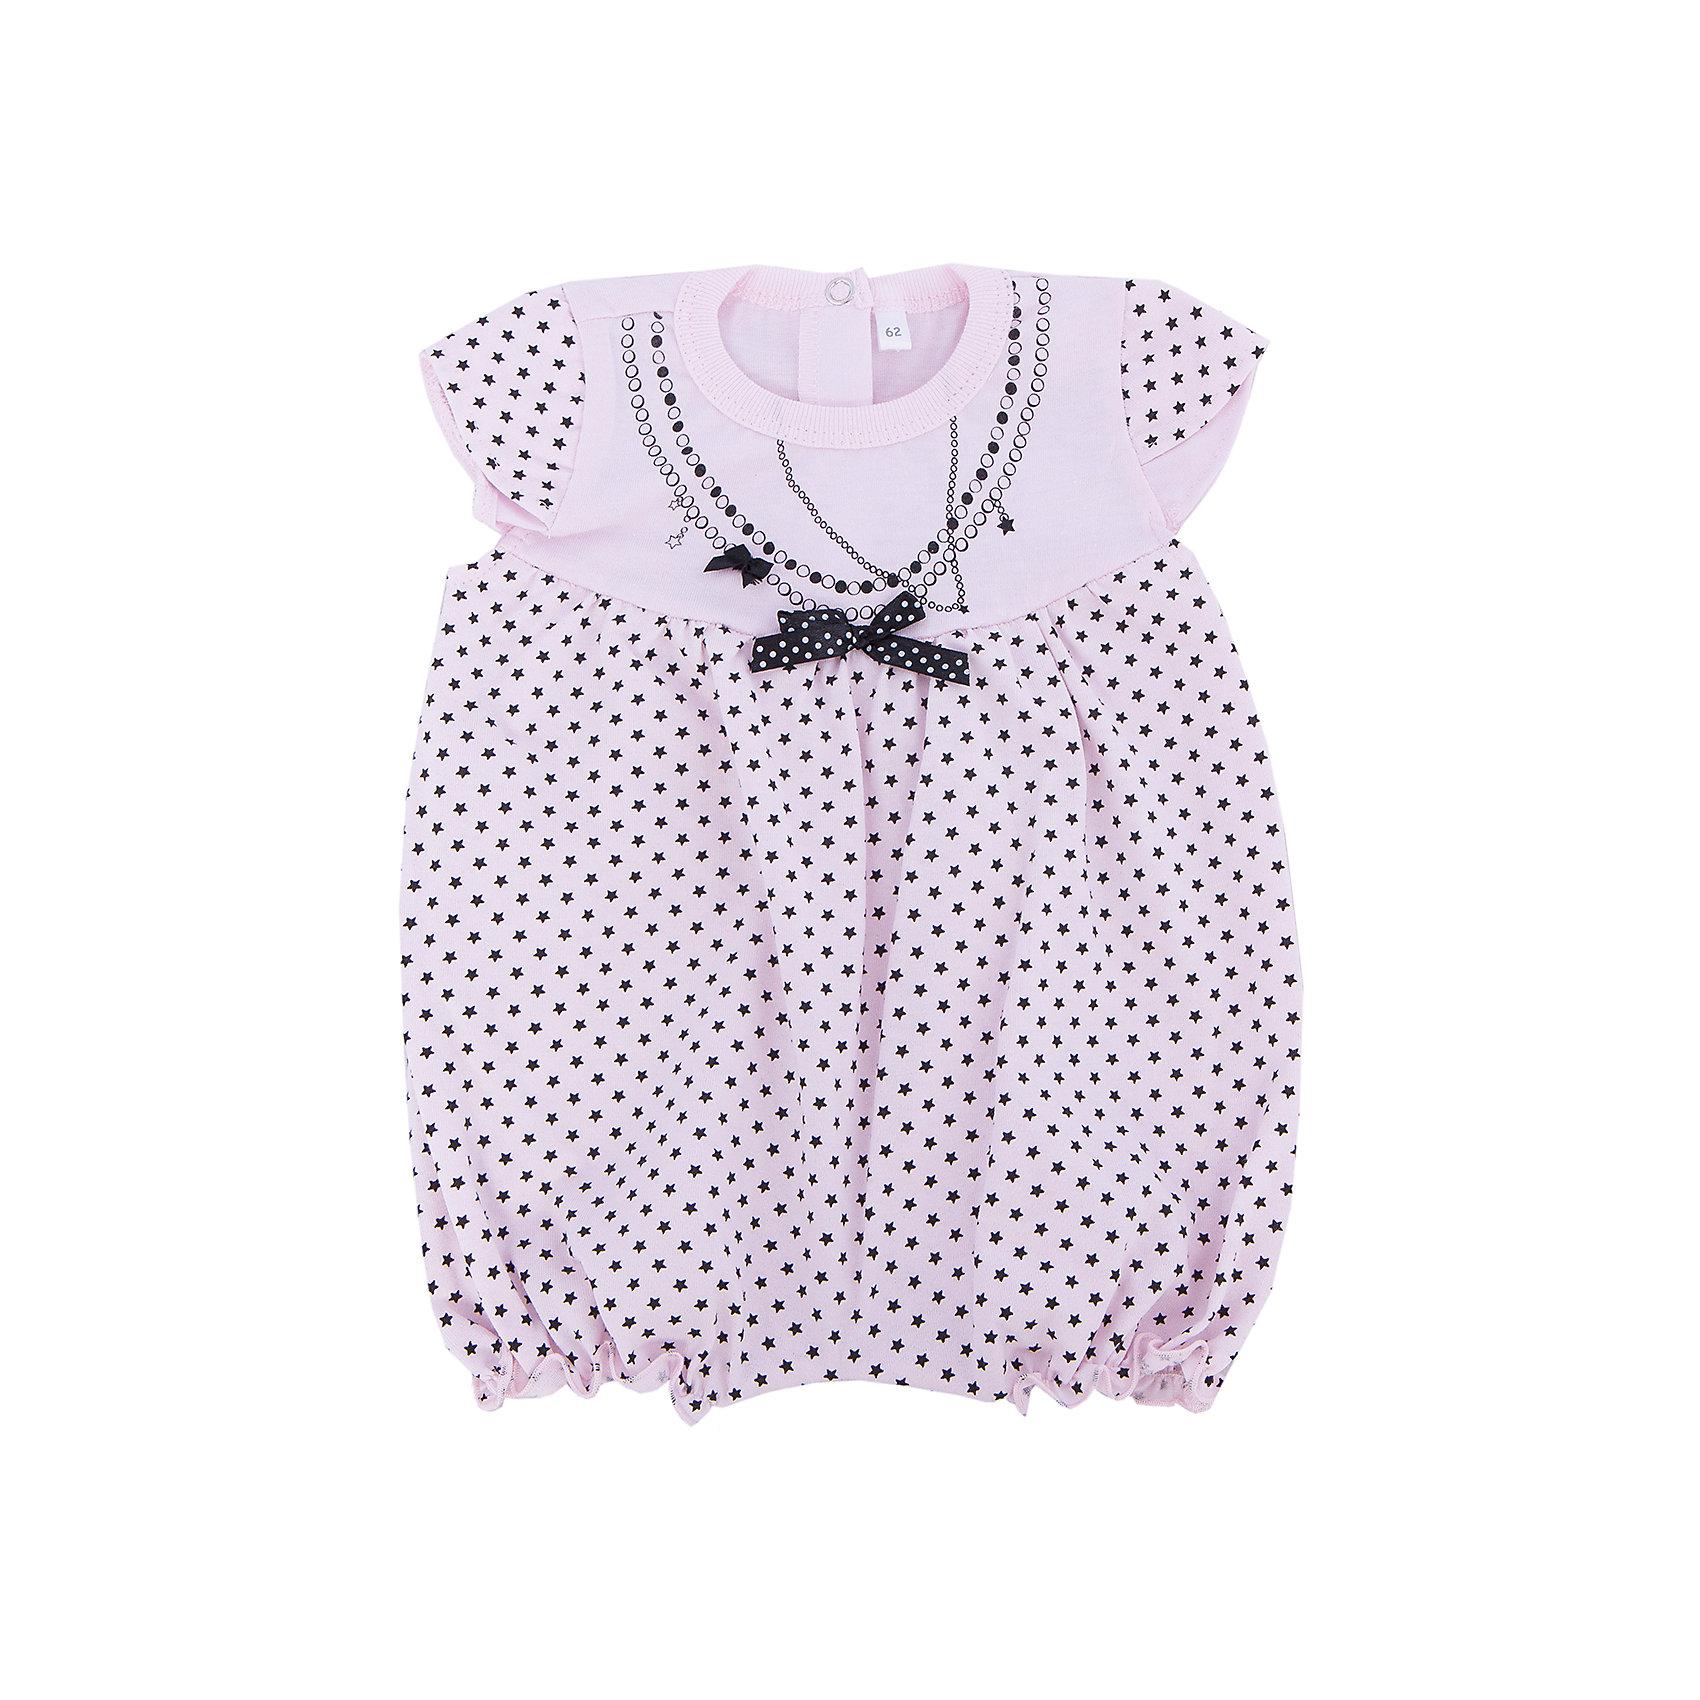 Песочник для девочки Soni KidsПесочник для девочки от популярной марки Soni Kids <br> <br>Удобный и нарядный песочник сшит из мягкого дышащего хлопка. Это гипоаллергенный материал, который отлично подходит для детской одежды. Правильный крой обеспечит ребенку удобство, не будет натирать и стеснять движения. <br> <br>Особенности модели: <br> <br>- цвет - бежевый; <br>- материал - натуральный хлопок; <br>- ткань в звездочку; <br>- крылья на рукавах; <br>- мягкая окантовка; <br>- принт; <br>- модель декорирована бантиками; <br>- застежки - кнопки сзади и внизу. <br> <br>Дополнительная информация: <br> <br>Состав: 100% хлопок <br> <br>Песочник для девочки от популярной марки Soni Kids (Сони Кидс) можно купить в нашем магазине<br><br>Ширина мм: 157<br>Глубина мм: 13<br>Высота мм: 119<br>Вес г: 200<br>Цвет: розовый<br>Возраст от месяцев: 2<br>Возраст до месяцев: 5<br>Пол: Женский<br>Возраст: Детский<br>Размер: 62,80,86,68,74<br>SKU: 4545090